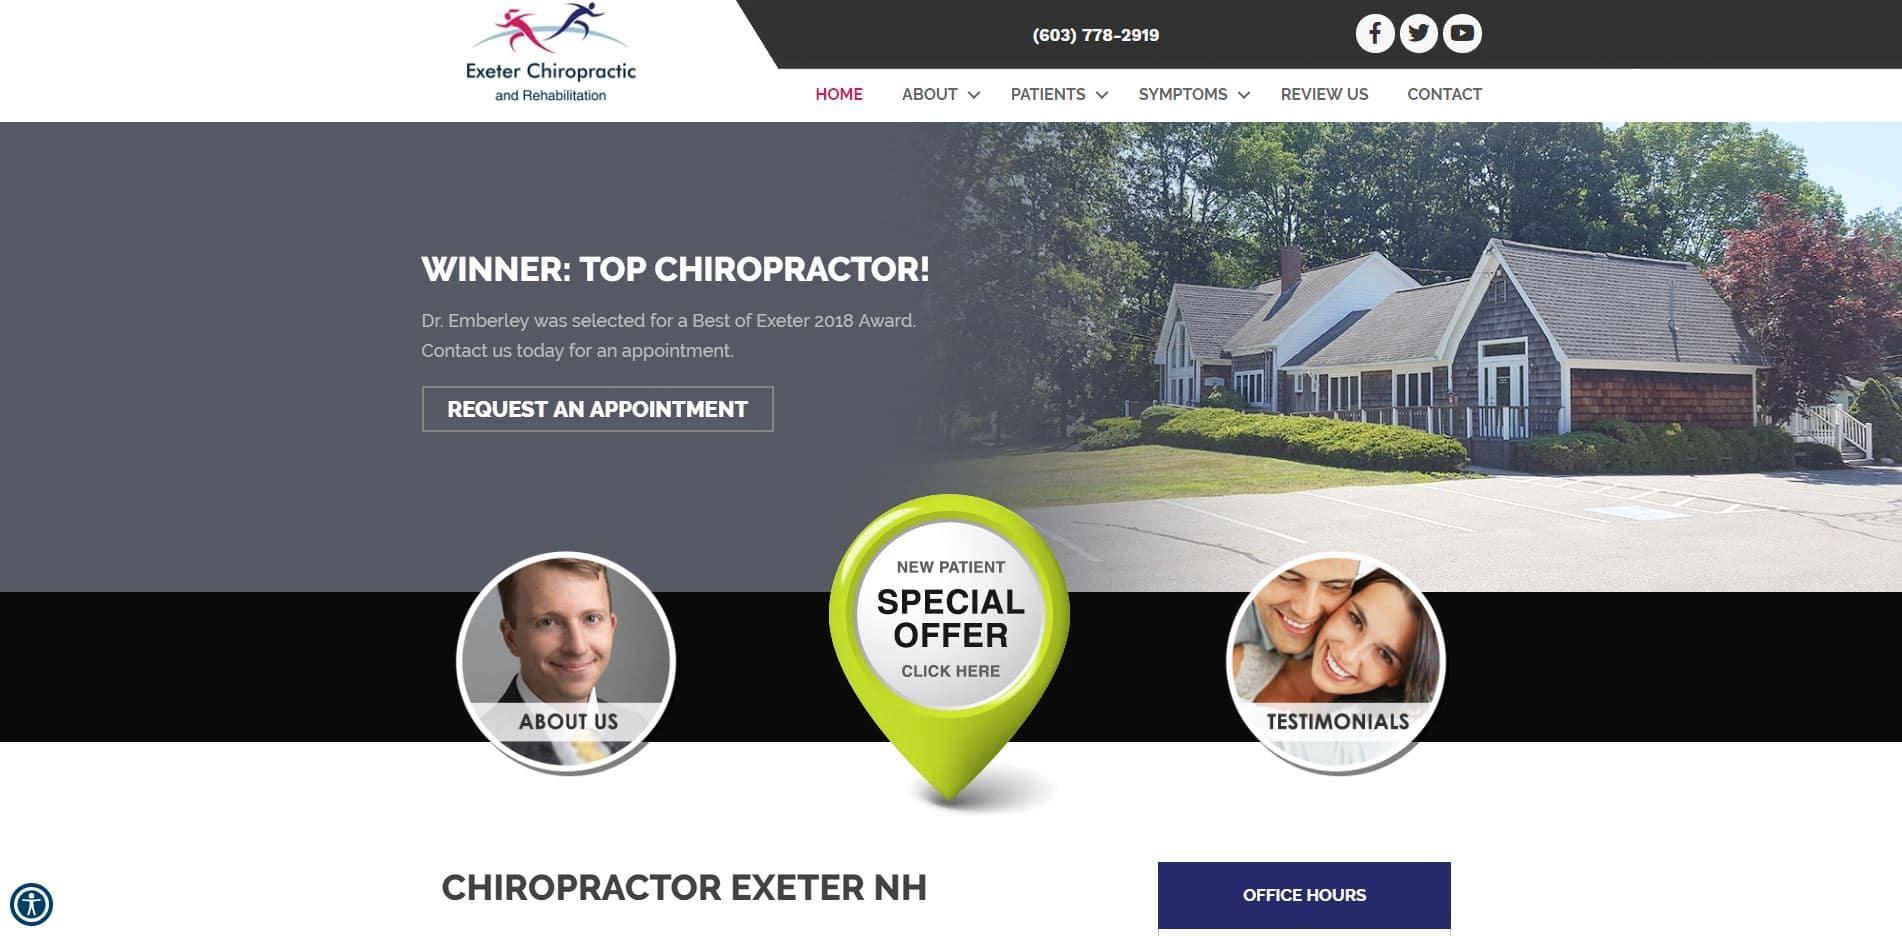 Chiropractor in Exeter